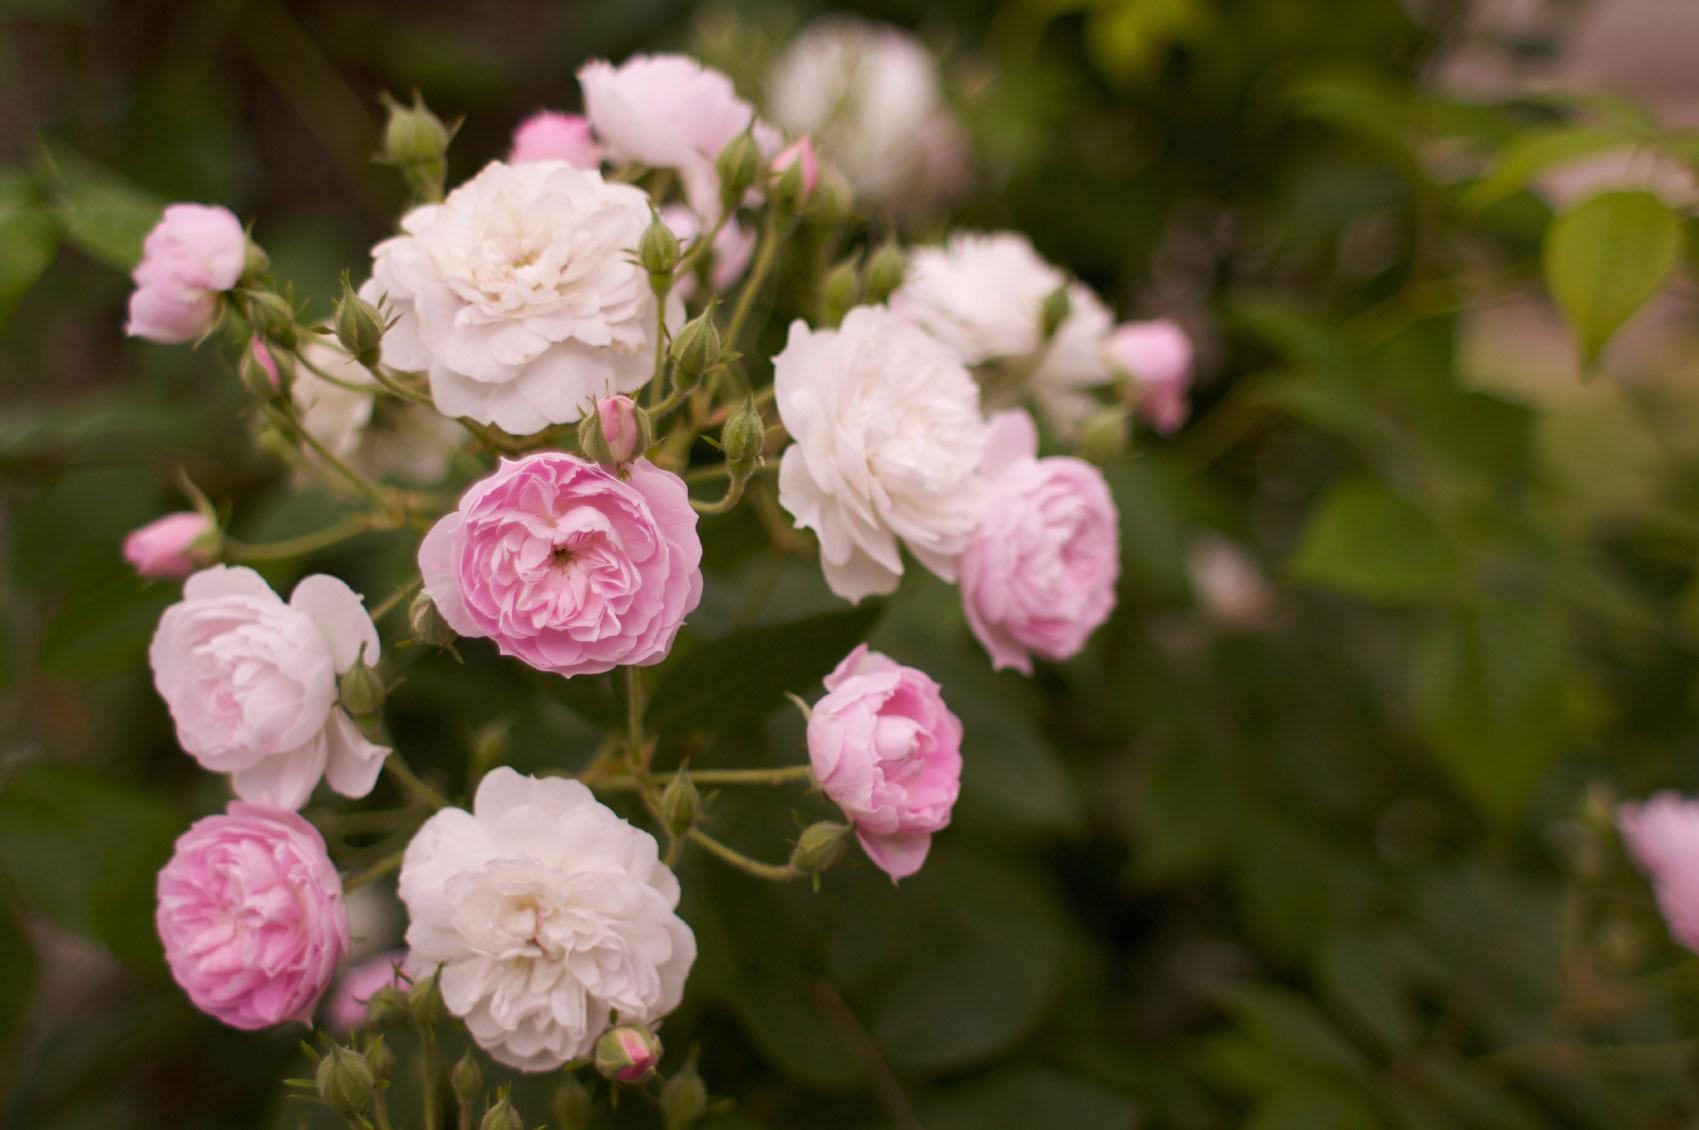 rose-bush